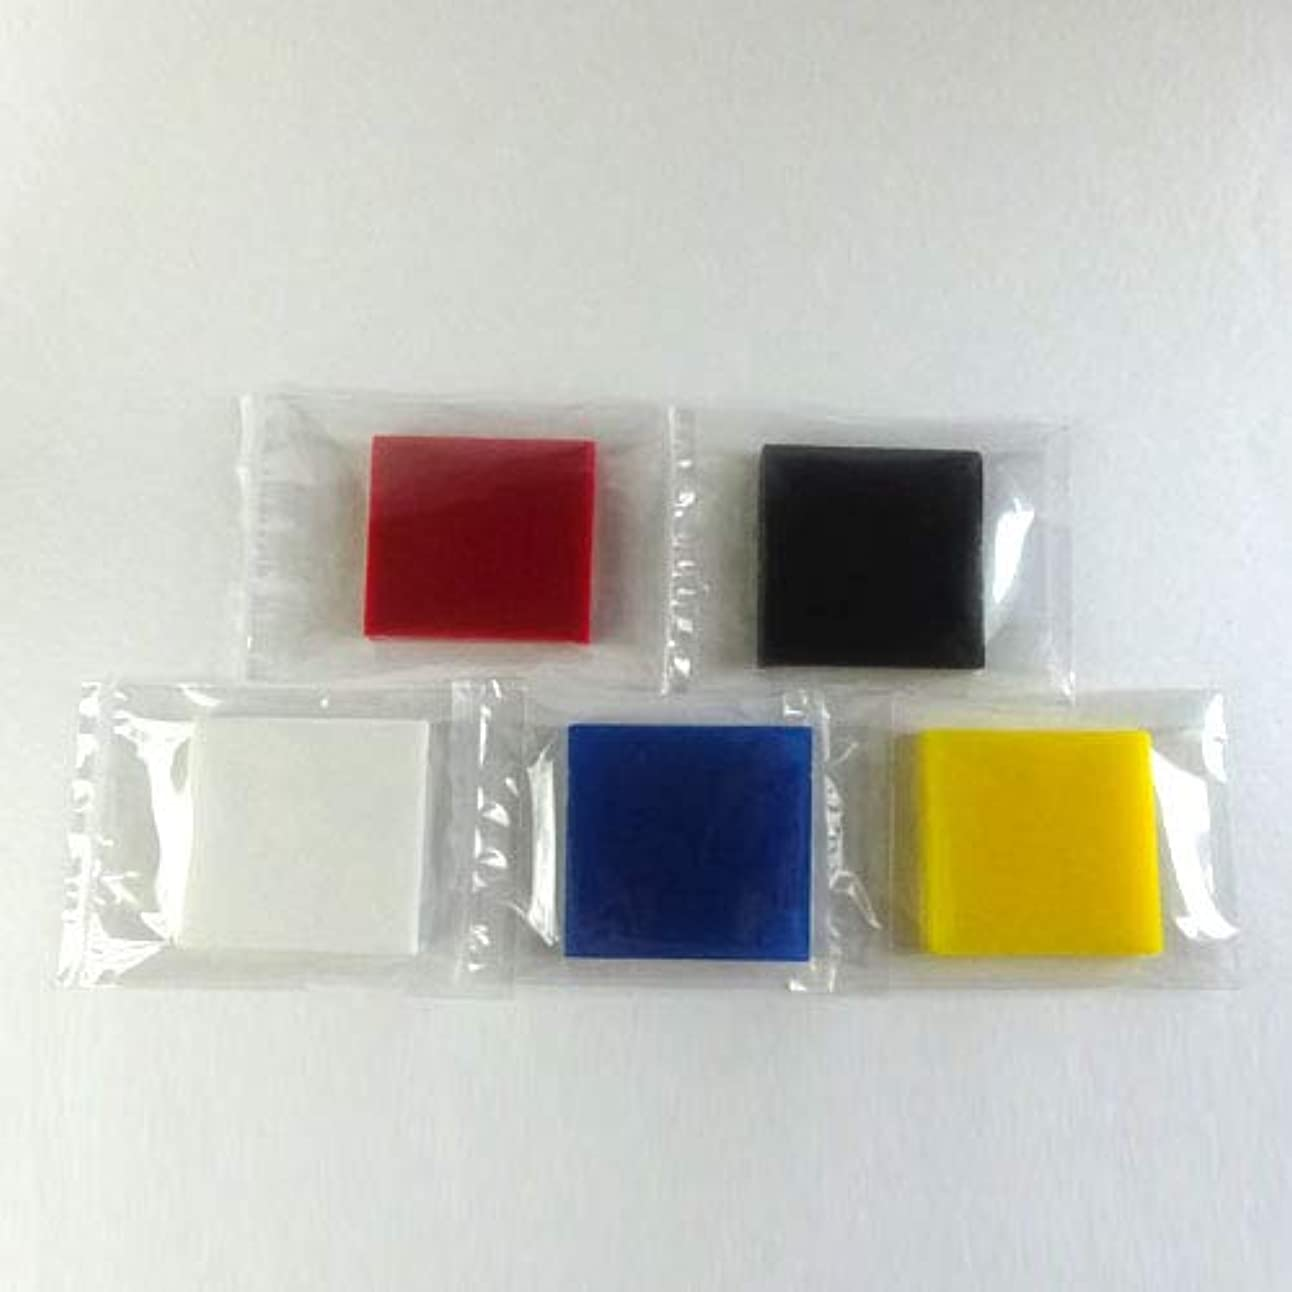 祭り水族館周囲グリセリンソープ MPソープ 色チップ 5色(赤?青?黄?白?黒) 各60g(30g x 2pc)